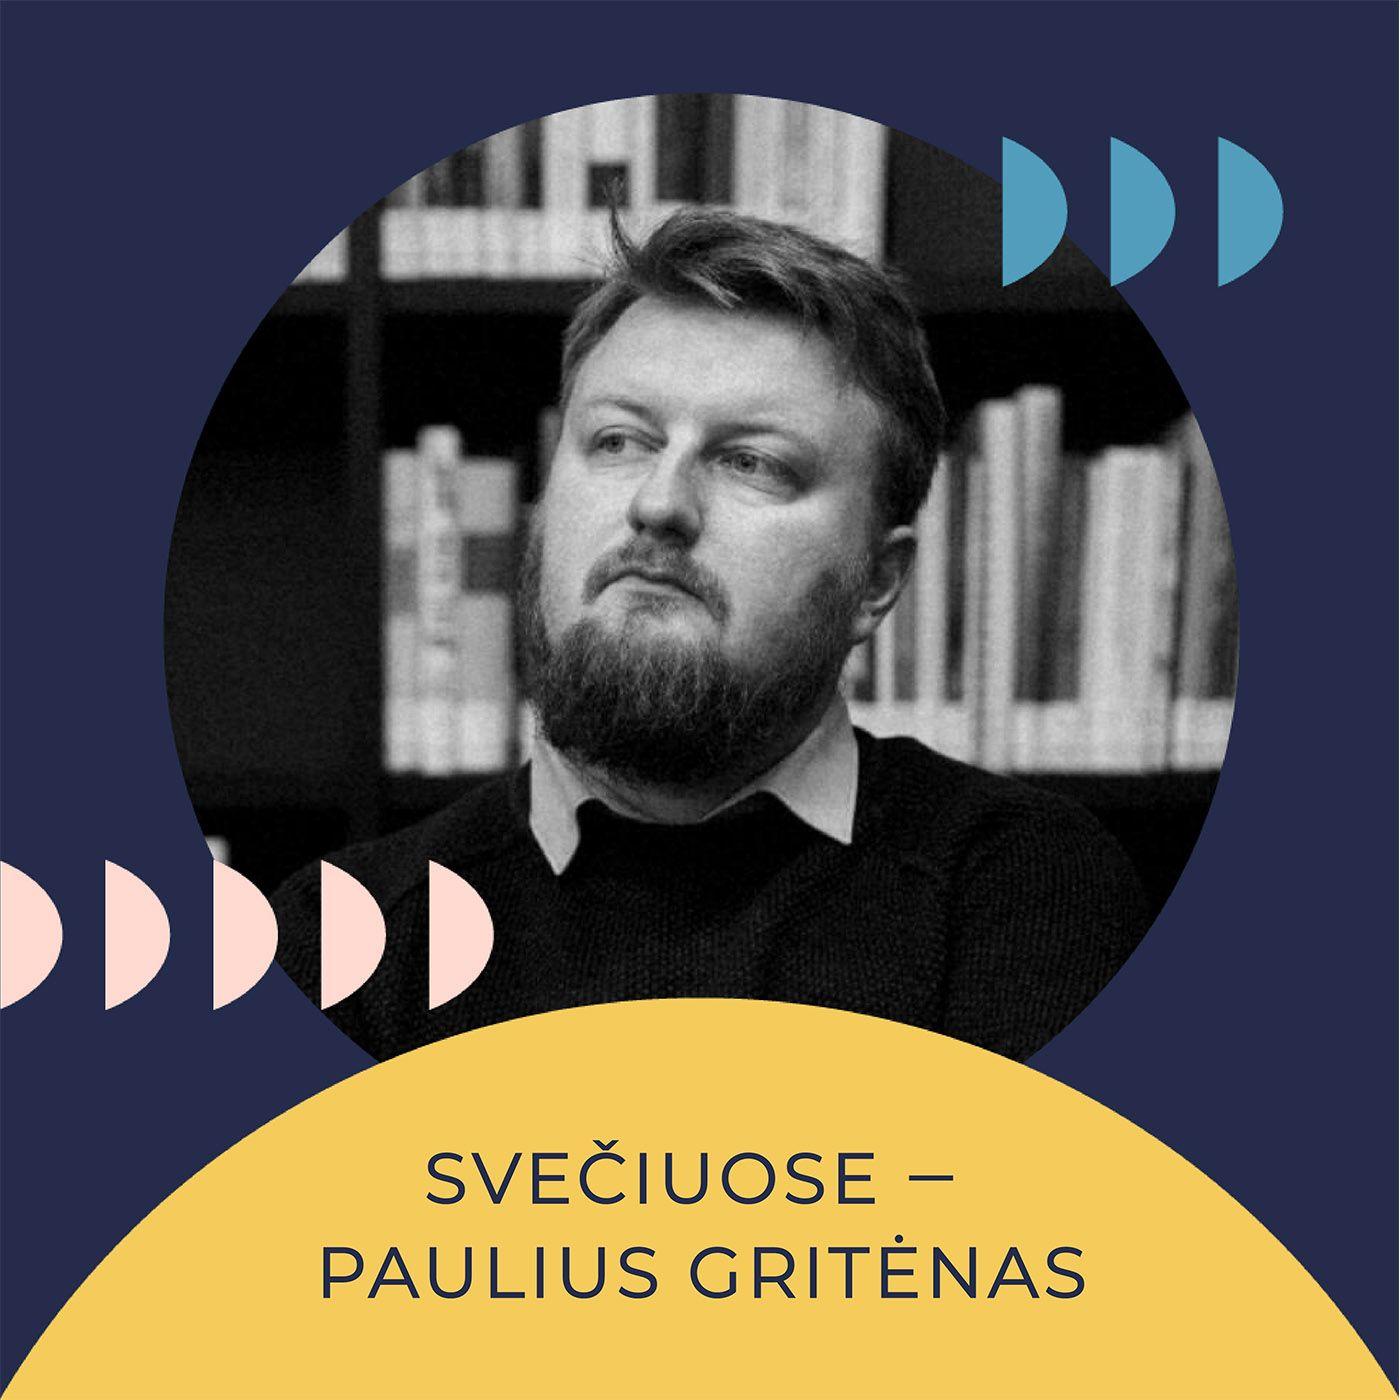 Savo galva. Paulius Gritėnas: kritinis mąstymas, žiniasklaida ir geresni klausimai. Kas padeda suvokti kaip naujienos ir žiniasklaidos žinut